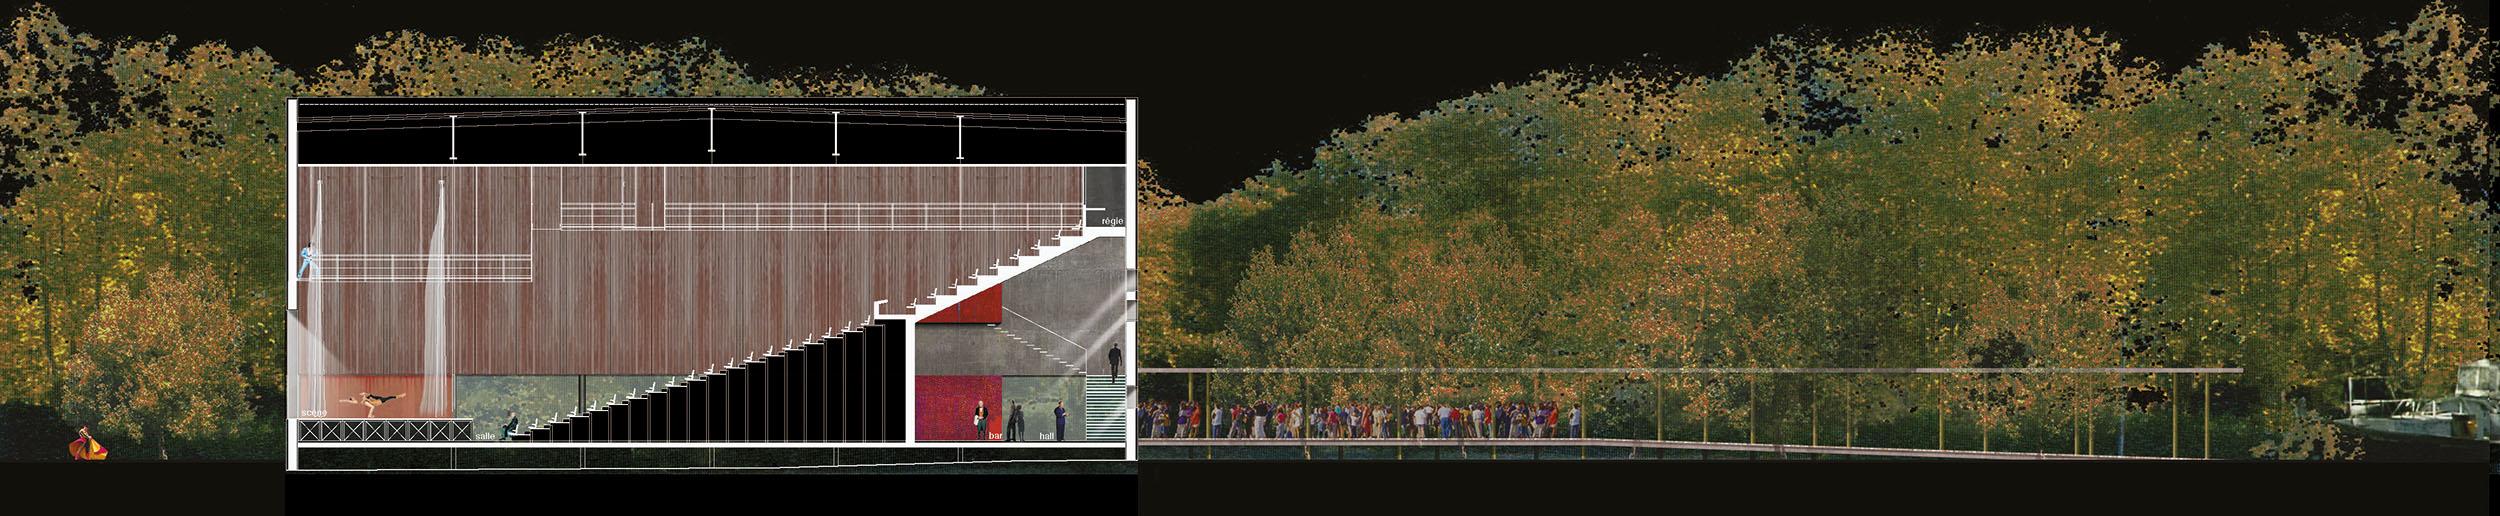 Salle de spectacle Béziers BF Architecture 6